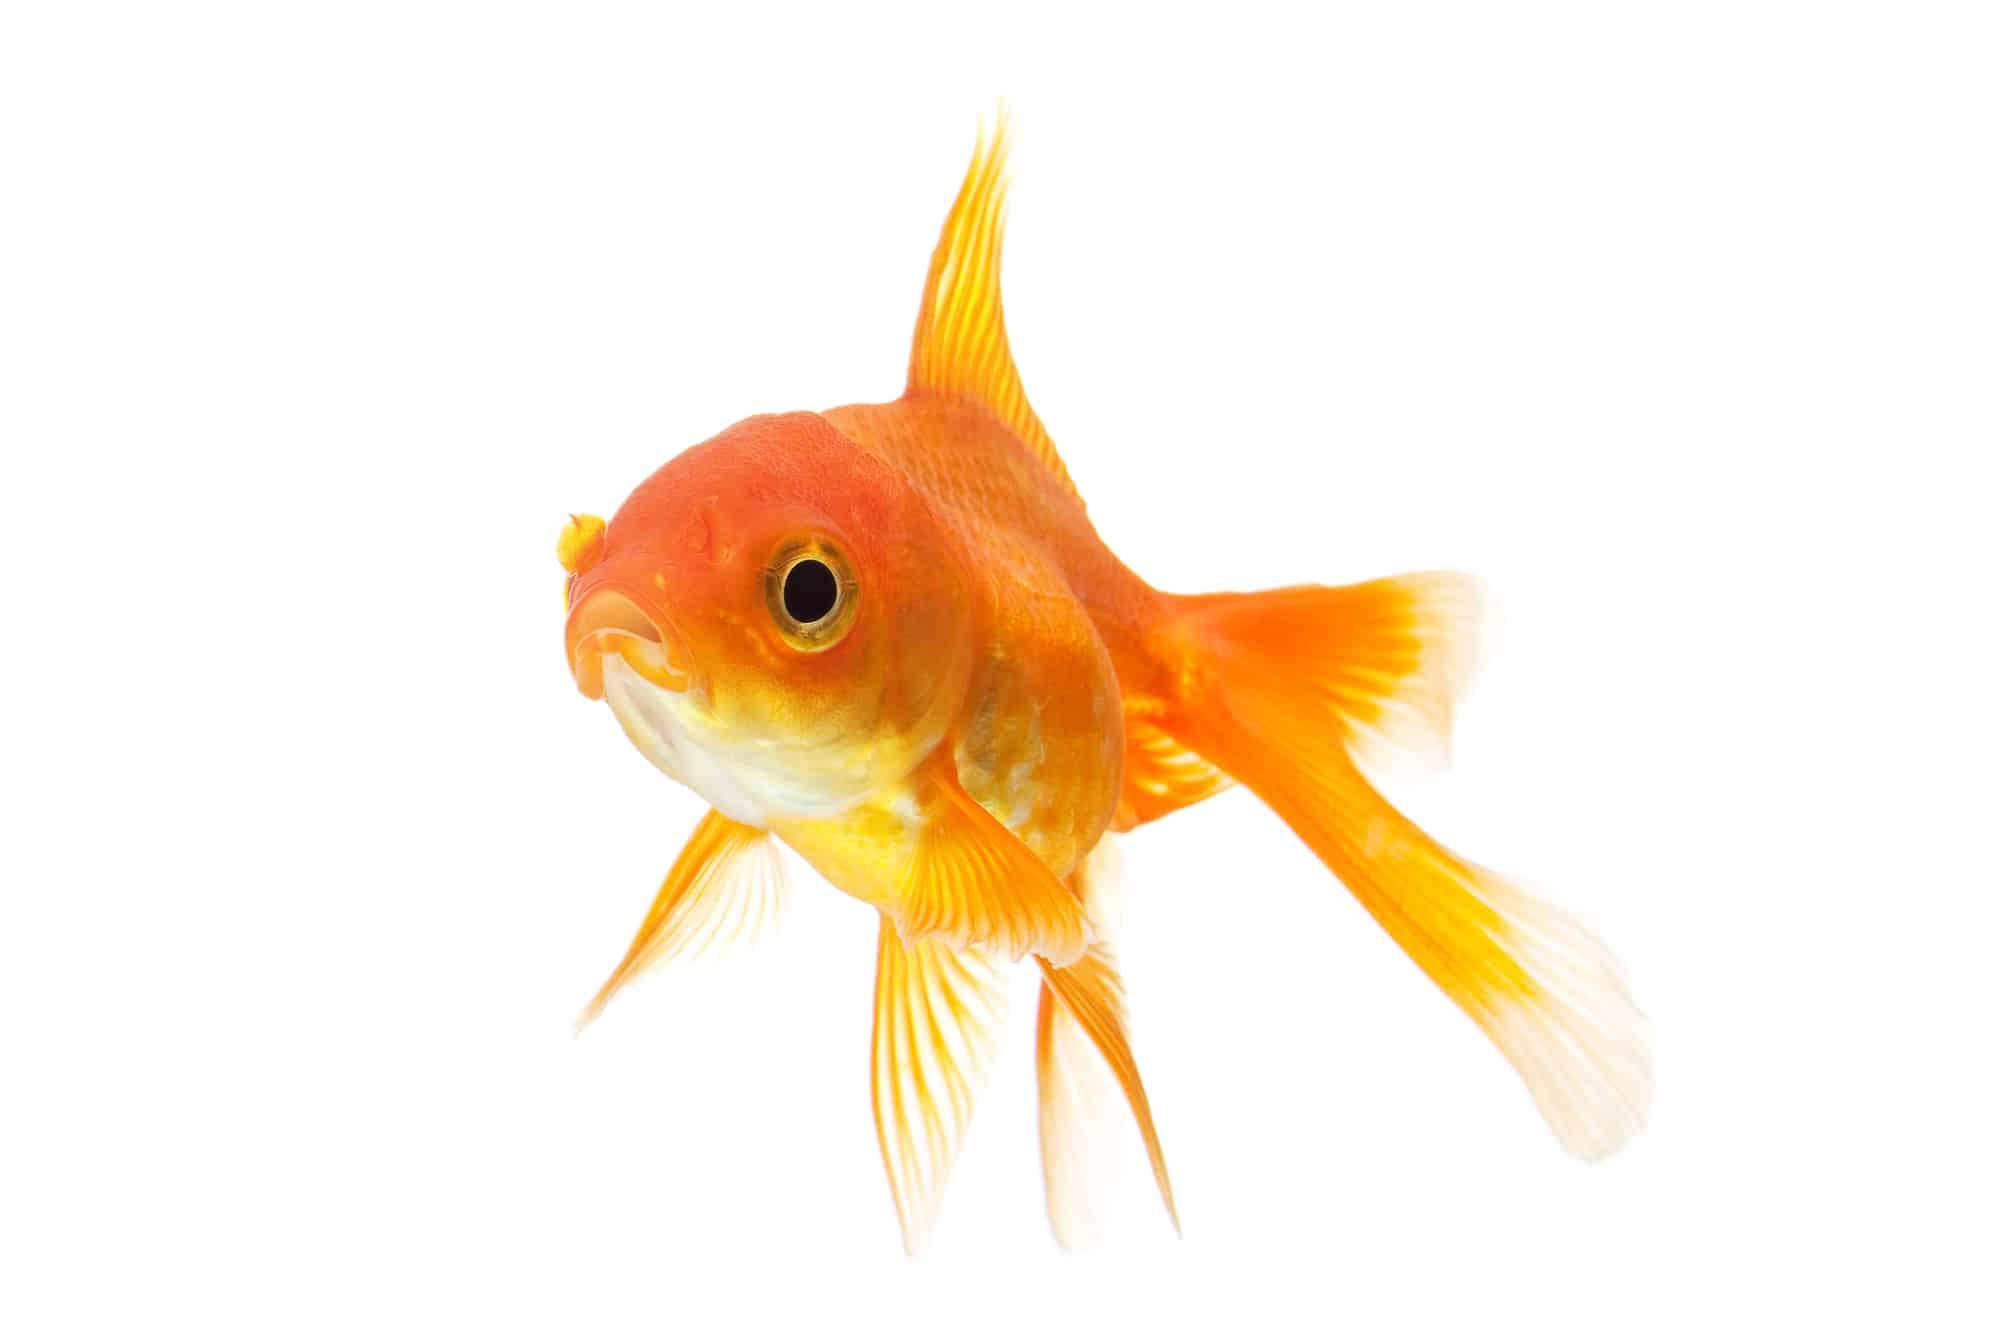 Goldfish closeup isolated on white background